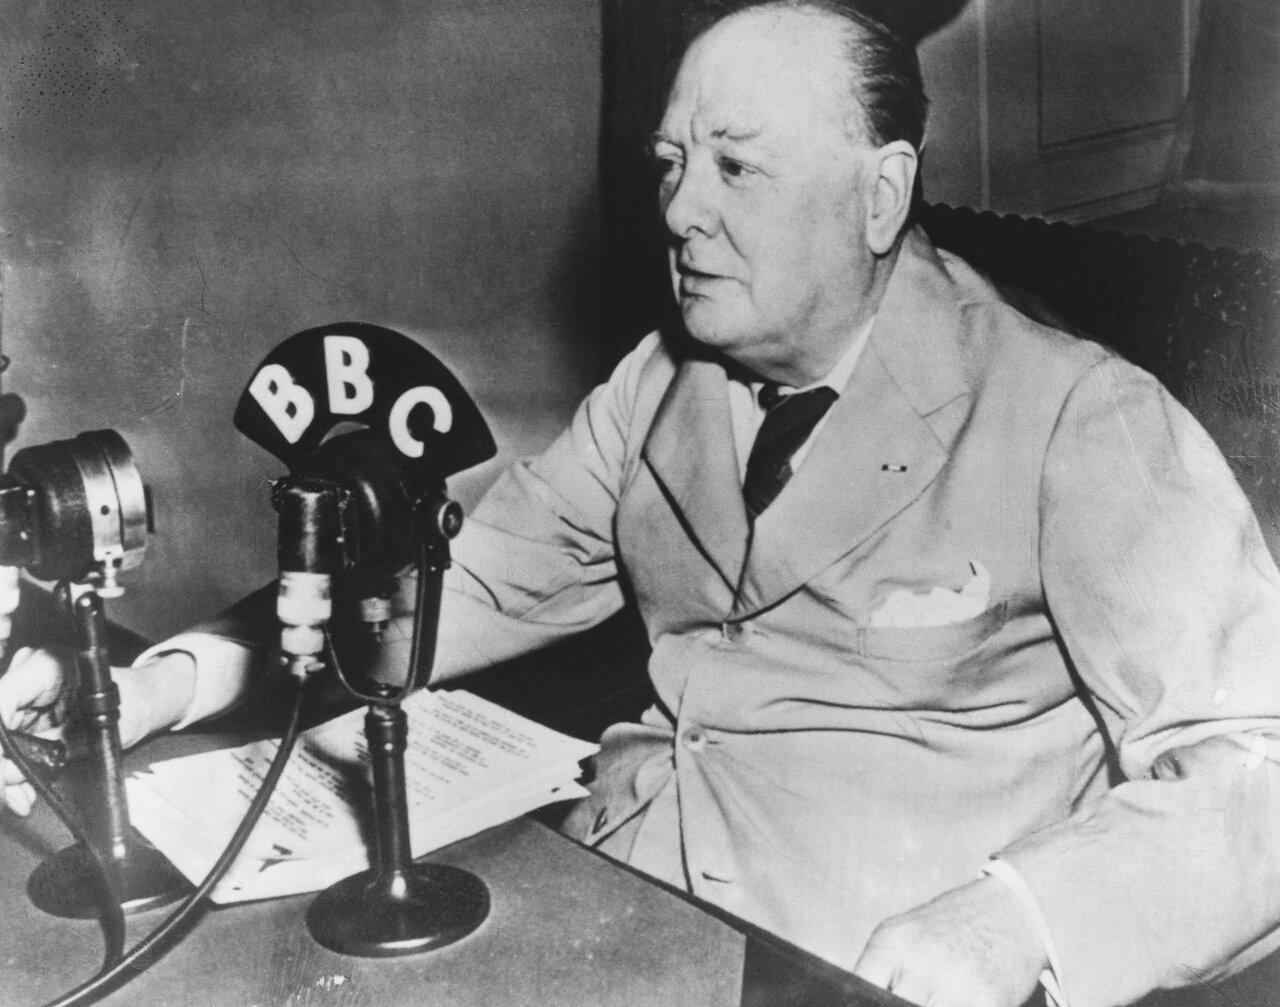 1943. Уинстон Черчилль выступает по радио во время посещения Белого дома. Вашингтон, округ Колумбия, США.